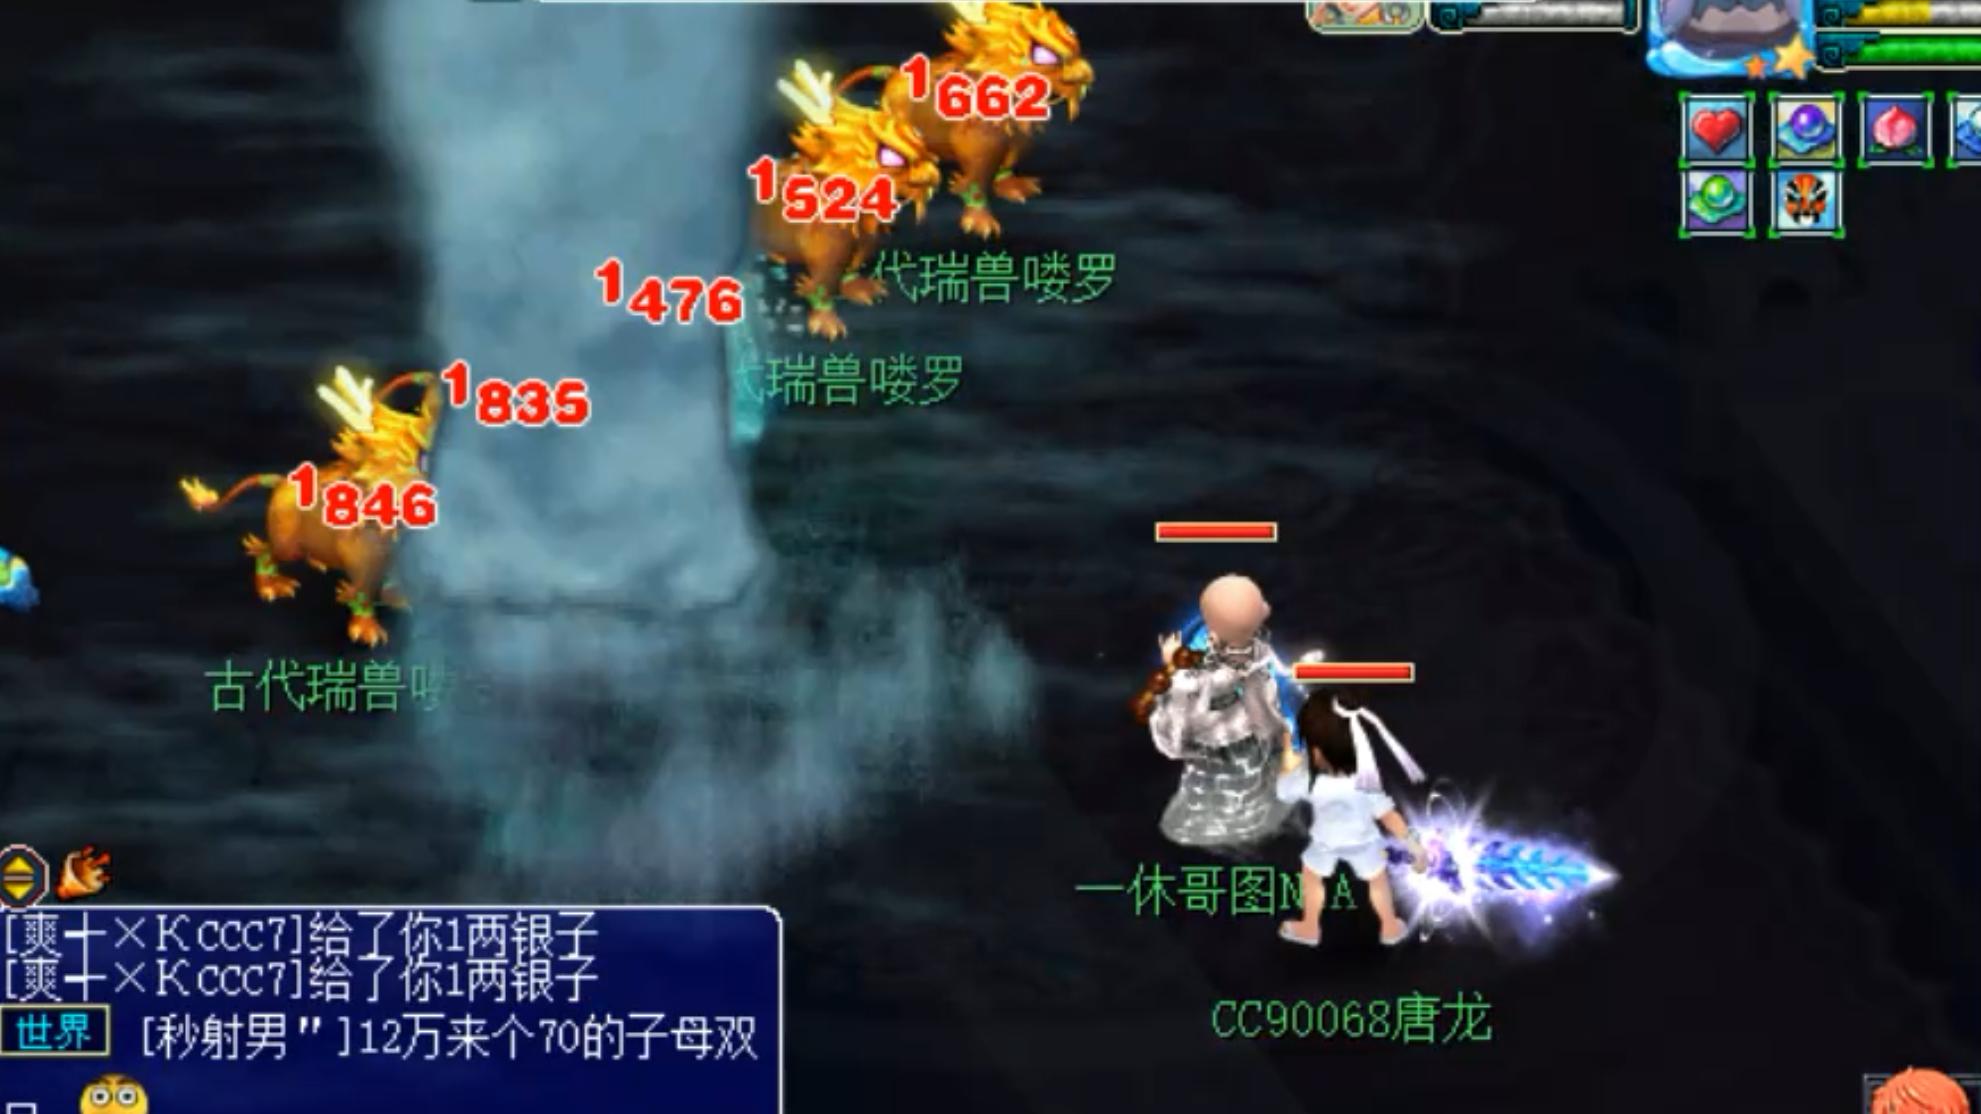 梦幻西游:老王测试梦幻第一魔大唐的威力,还带着林中鸟的宝宝!